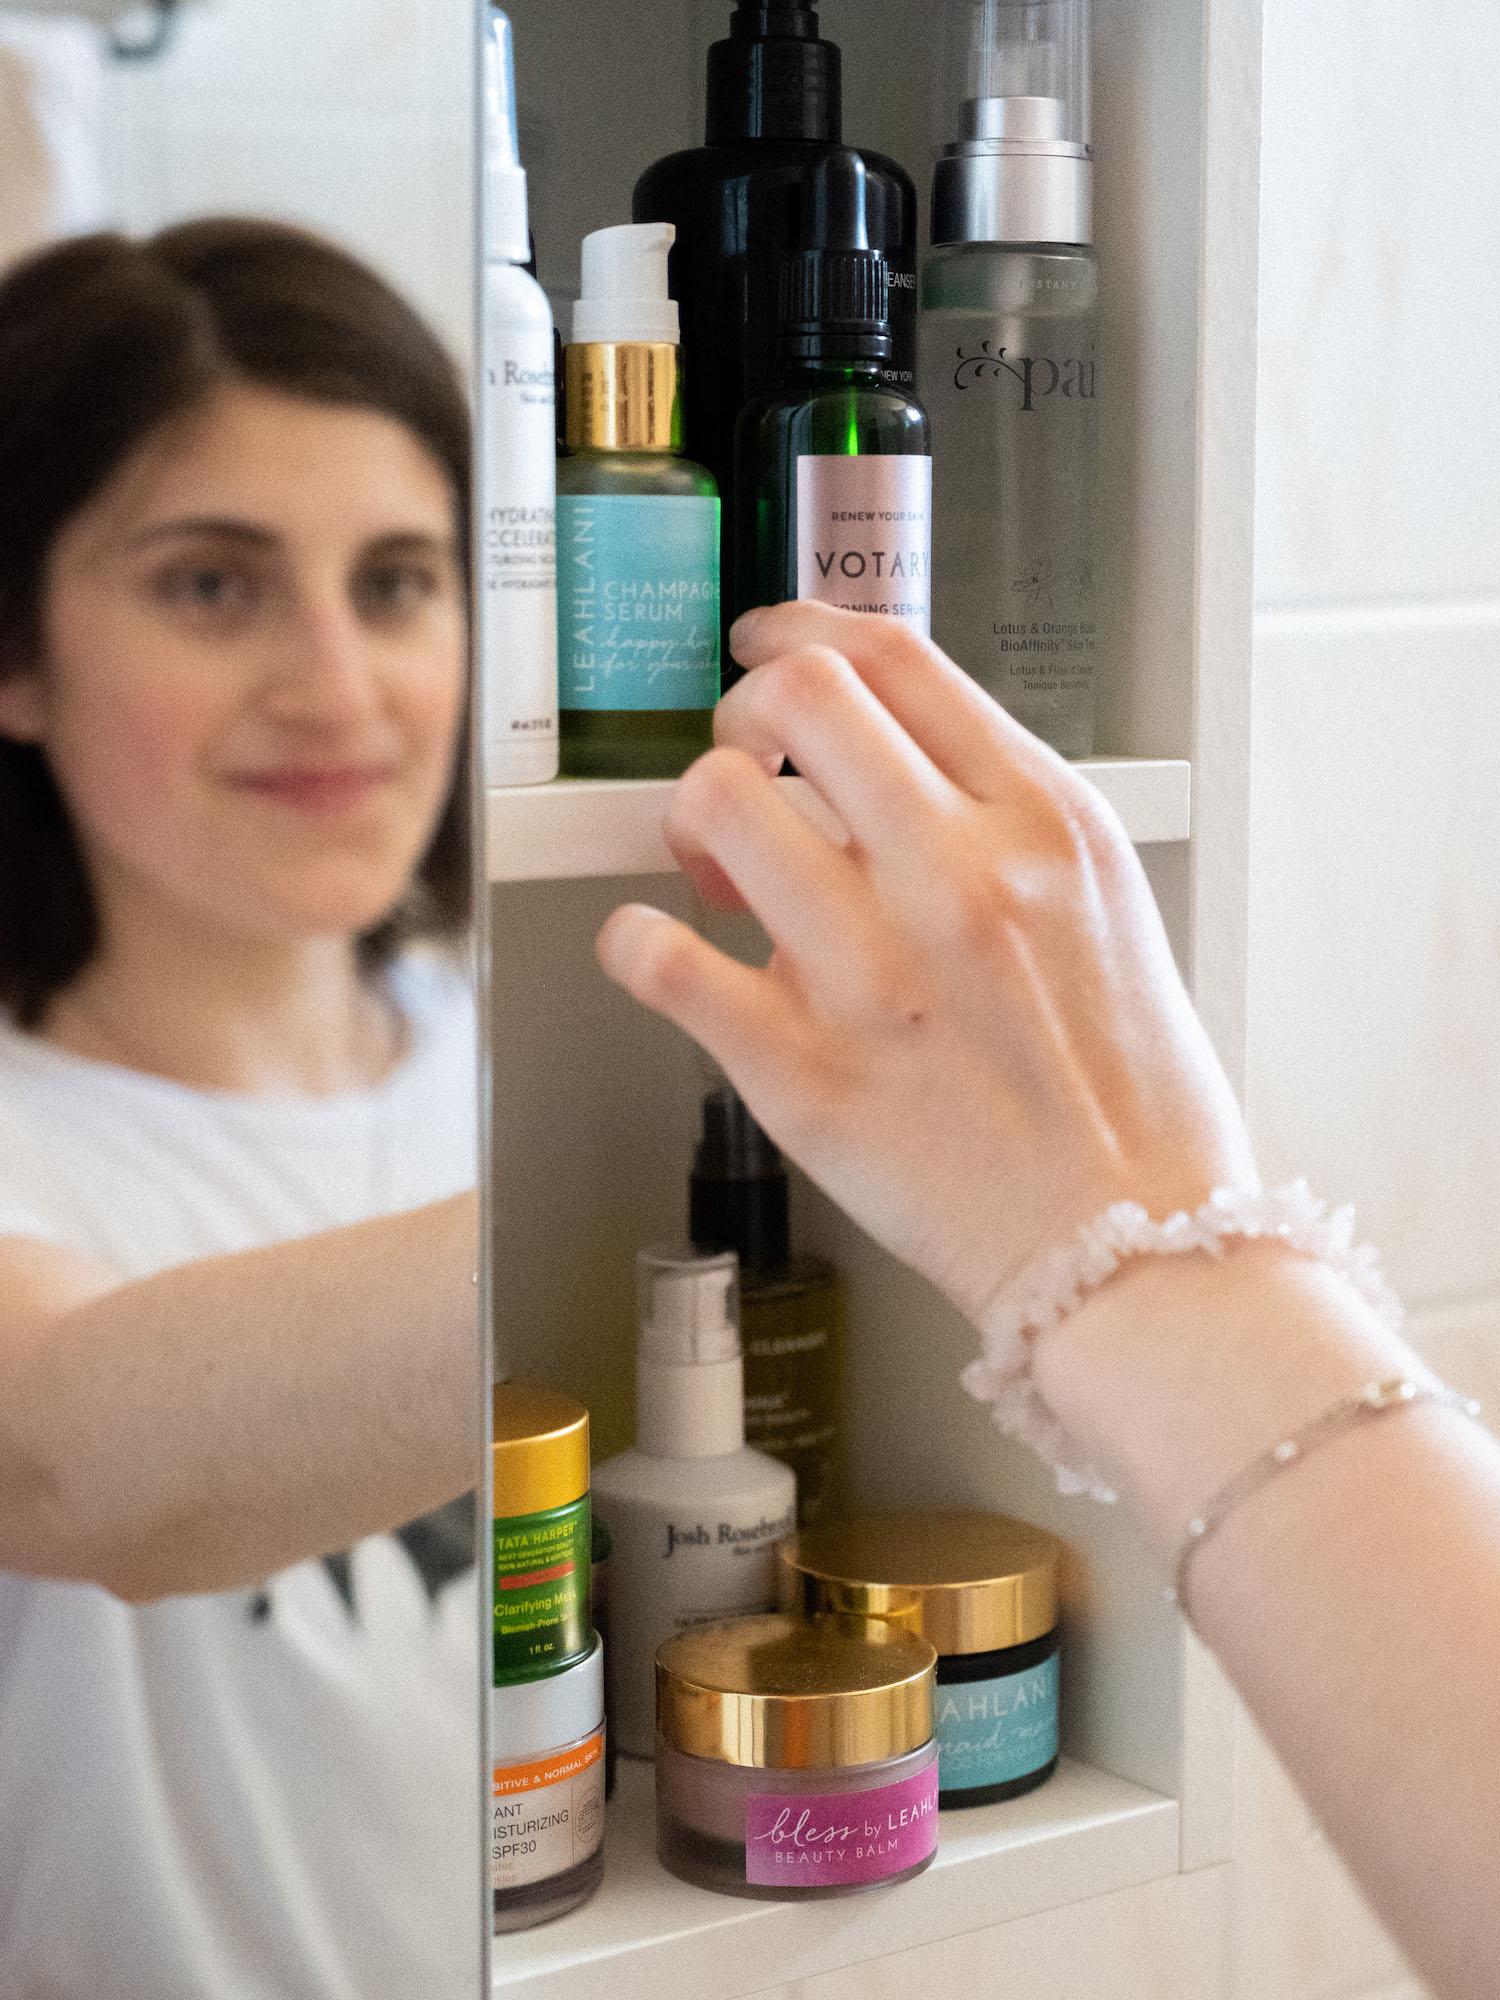 Beautyblog Sarah Khurshid Votary Face Oil